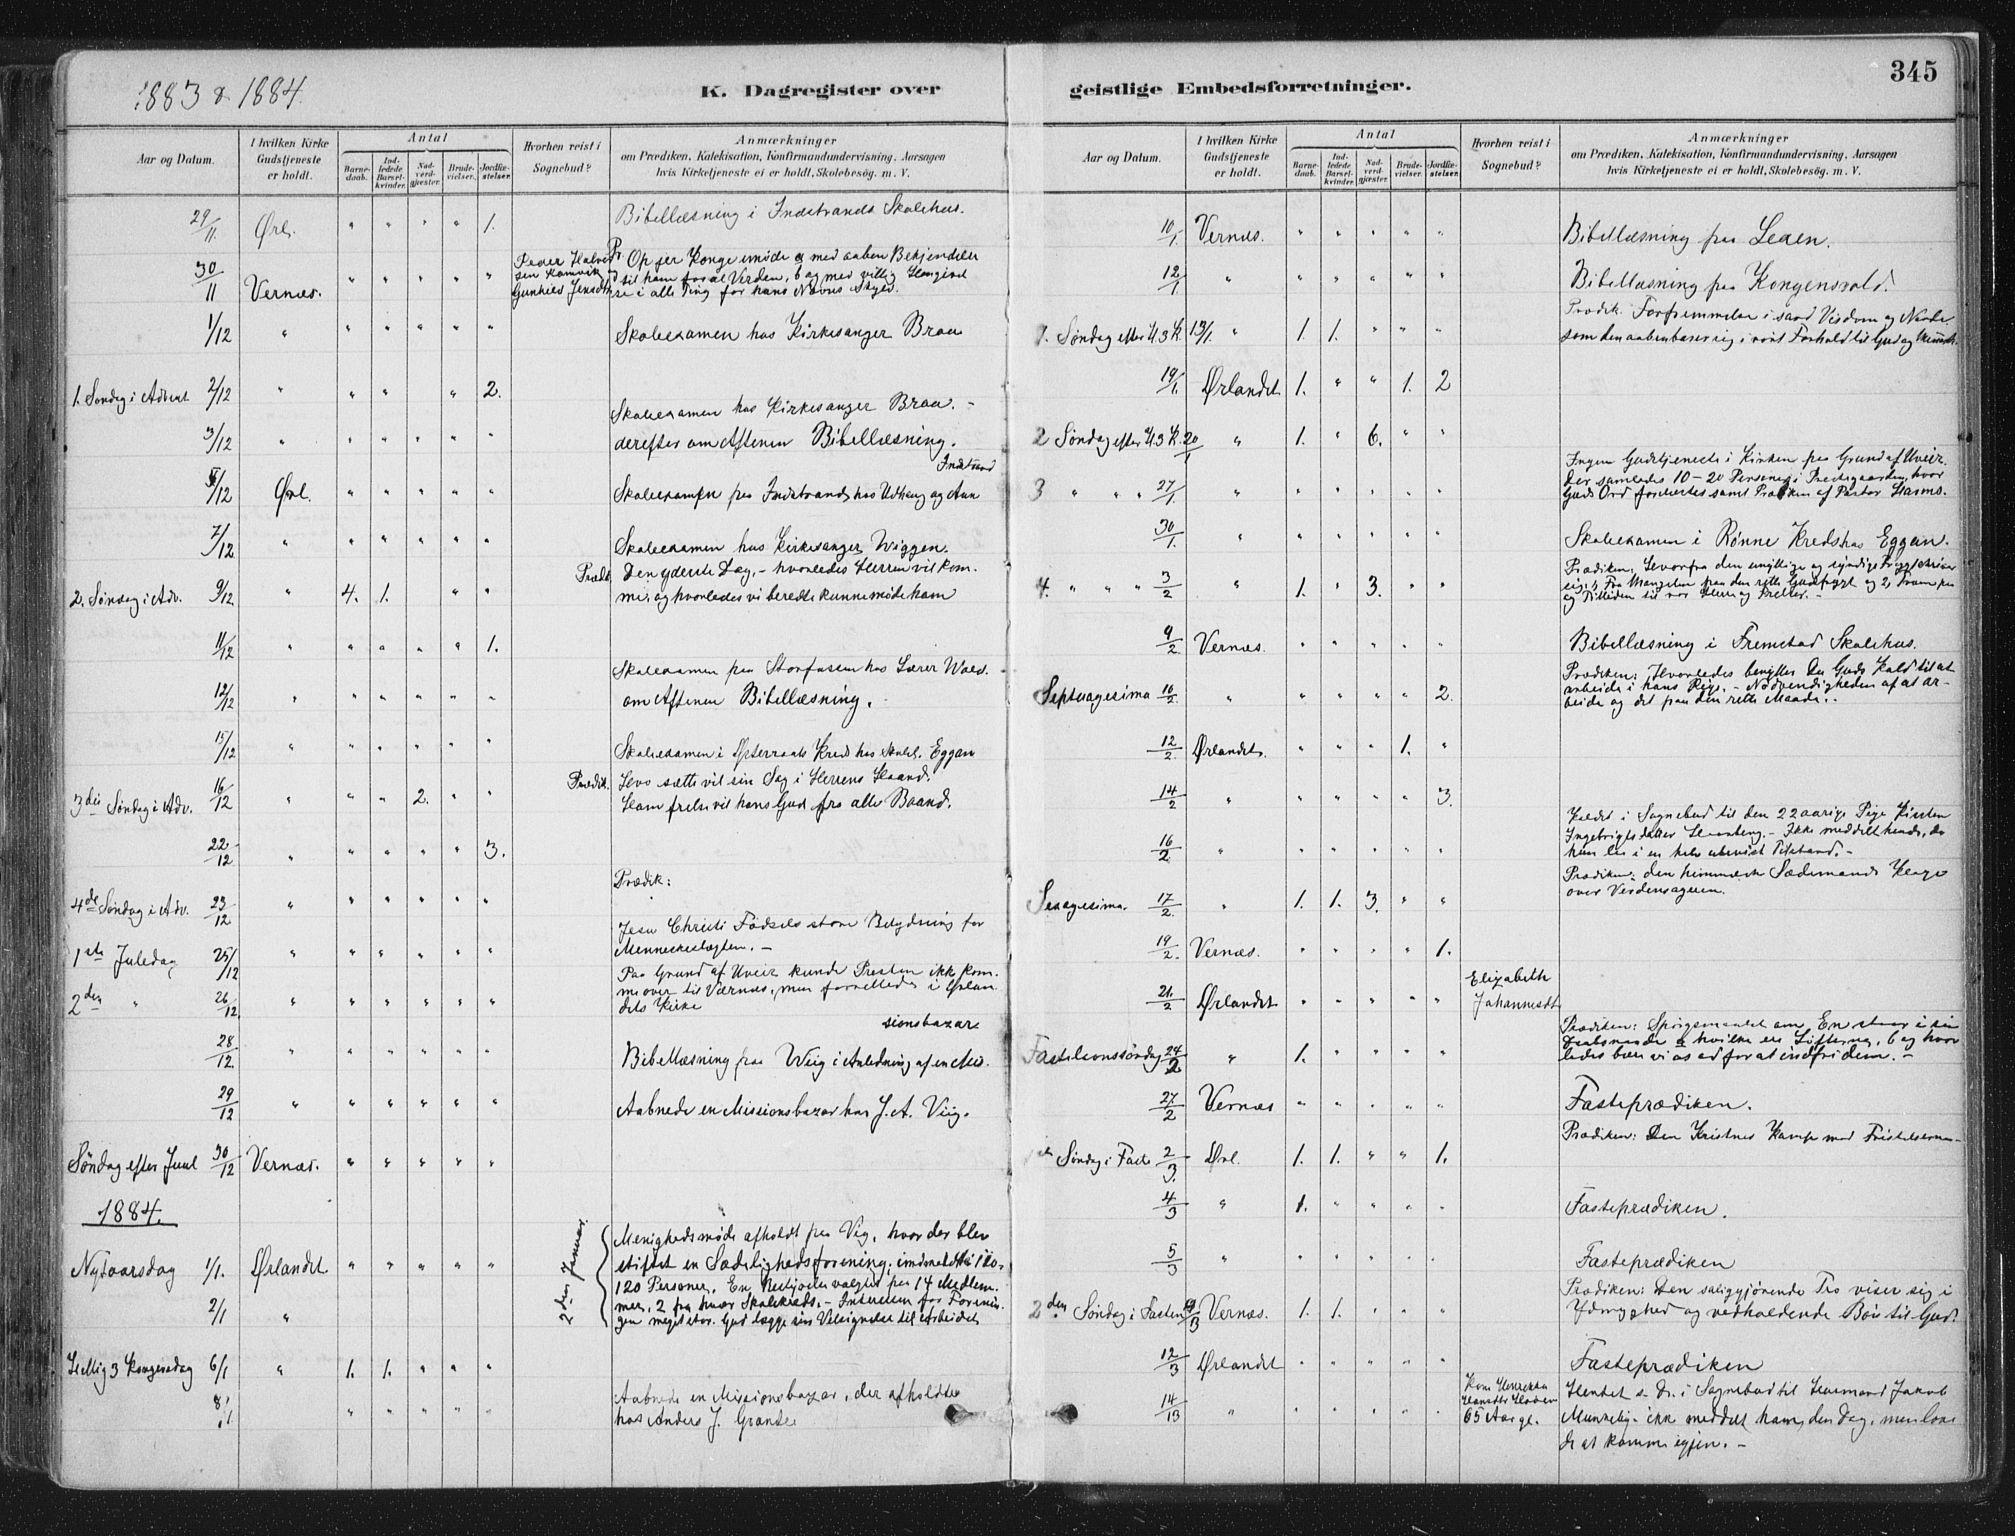 SAT, Ministerialprotokoller, klokkerbøker og fødselsregistre - Sør-Trøndelag, 659/L0739: Ministerialbok nr. 659A09, 1879-1893, s. 345